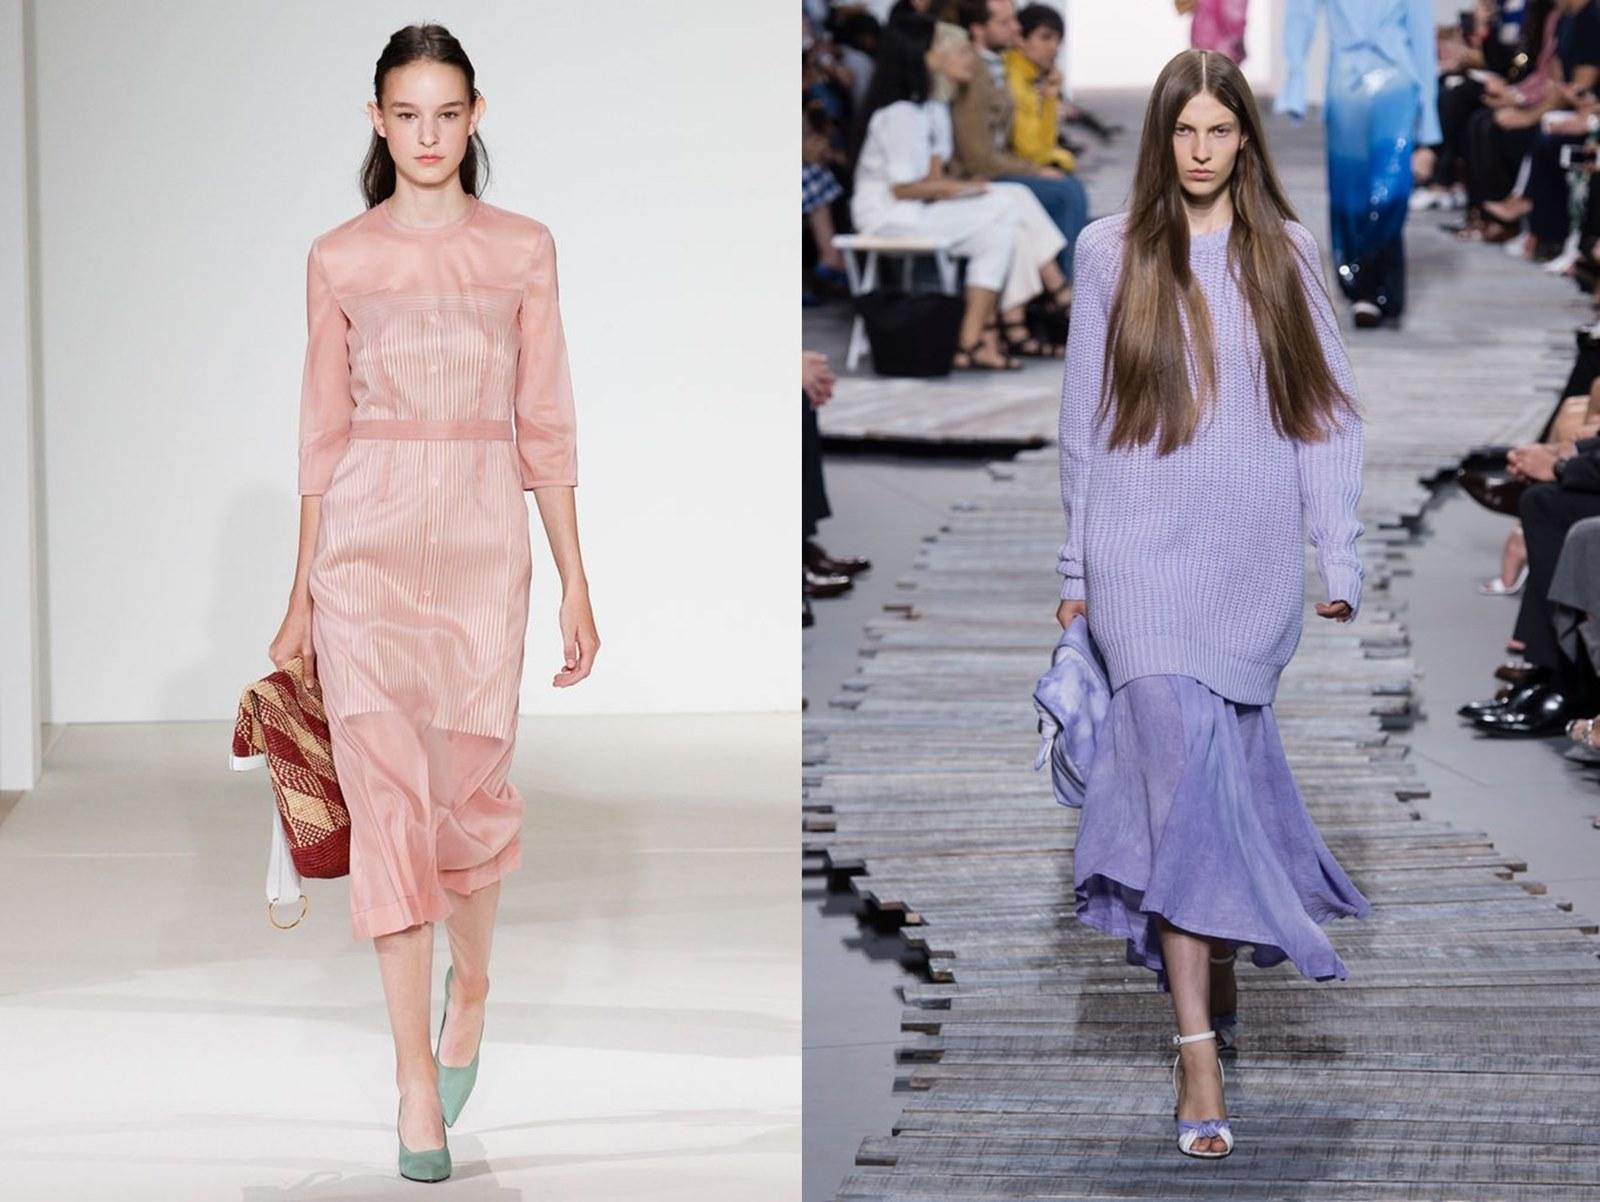 Trendy wiosna/lato 2018. Co modnego będzie na wiosnę/lato 2018? Pastele, różowy total look, szorty, trencz, ołówkowa spódnica